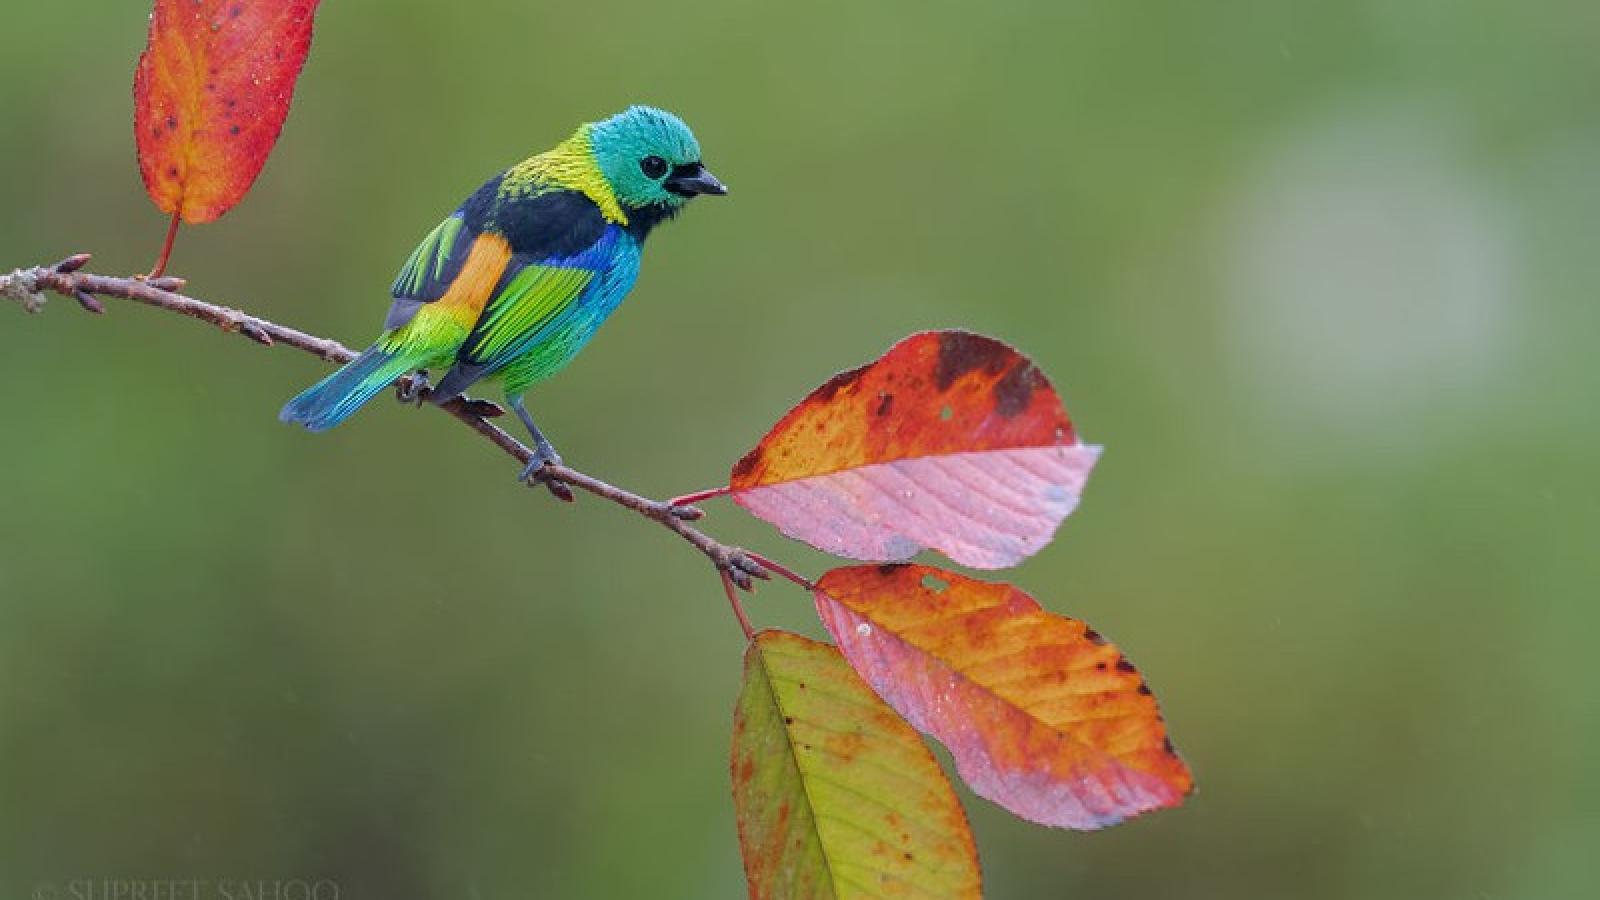 Vẻ đẹp diệu kỳ của những loài chim sặc sỡ trong các khu rừng ở Nam Mỹ